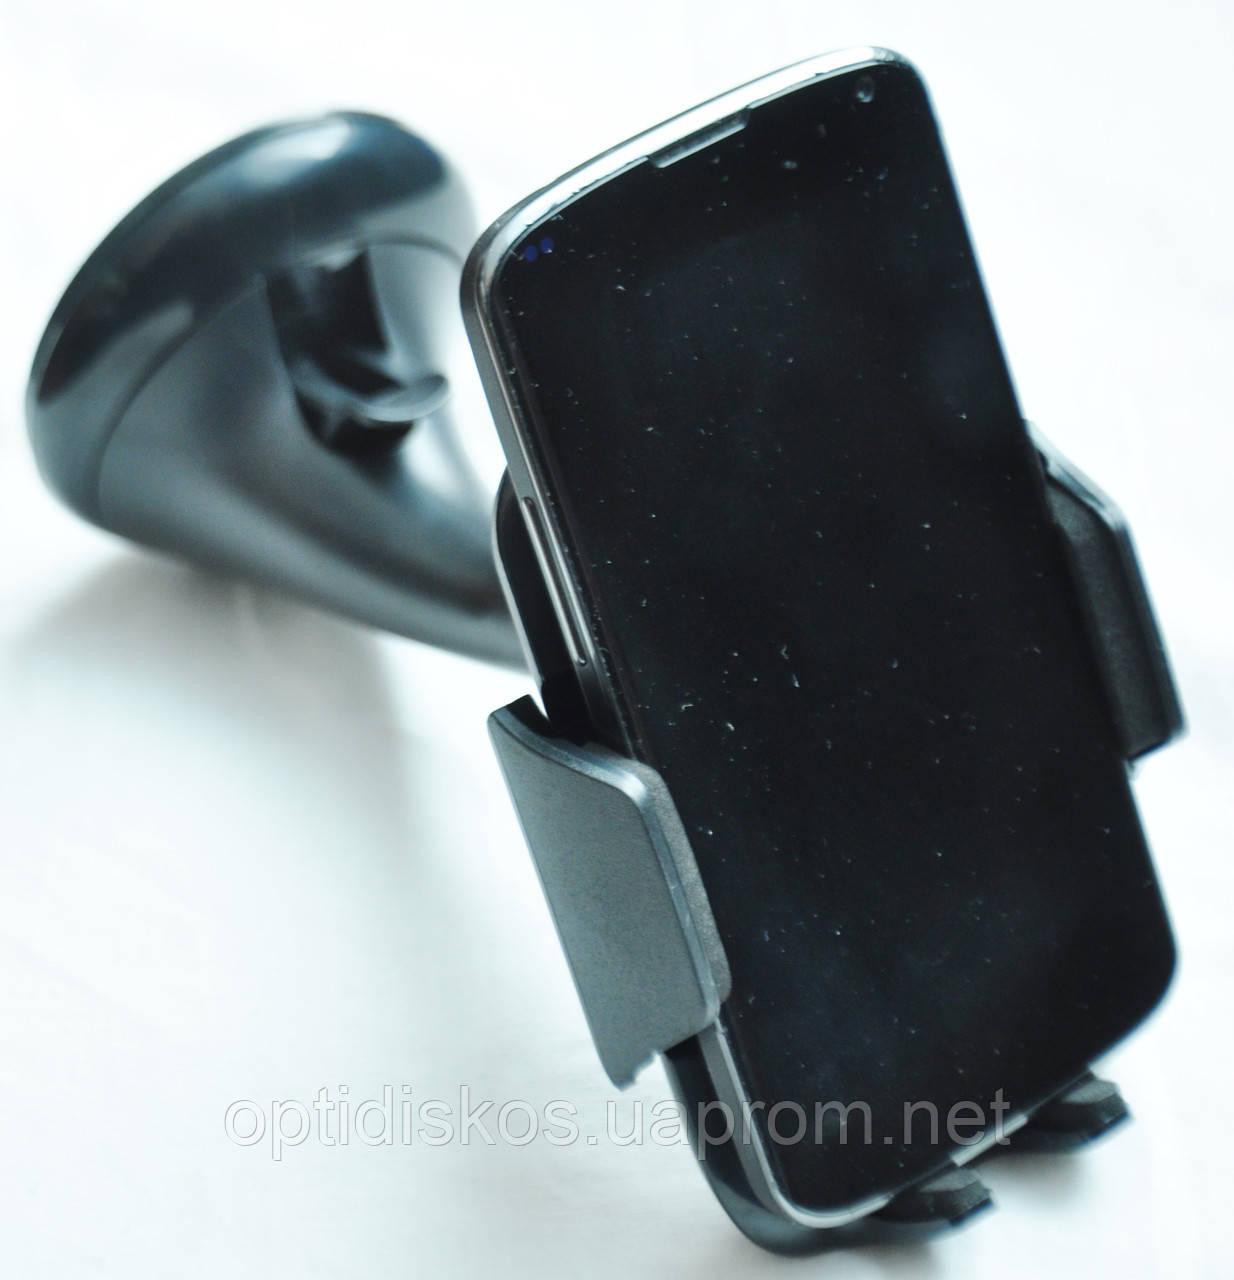 Универсальный автомобильный держатель для телефонов HL-67